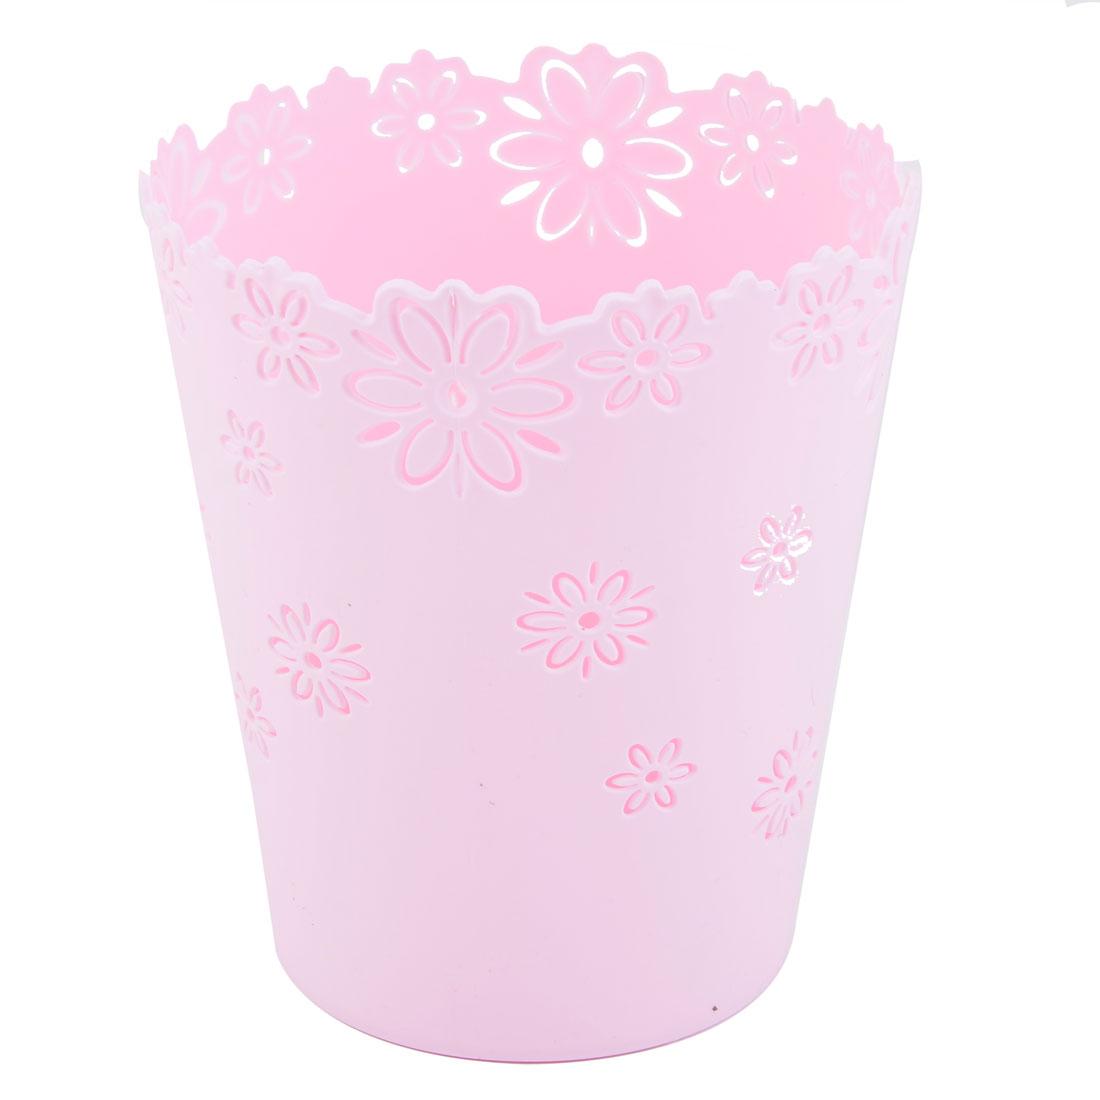 Home Office Desktop Plastic Hollow Out Flower Design Trinket Storage Basket Light Pink